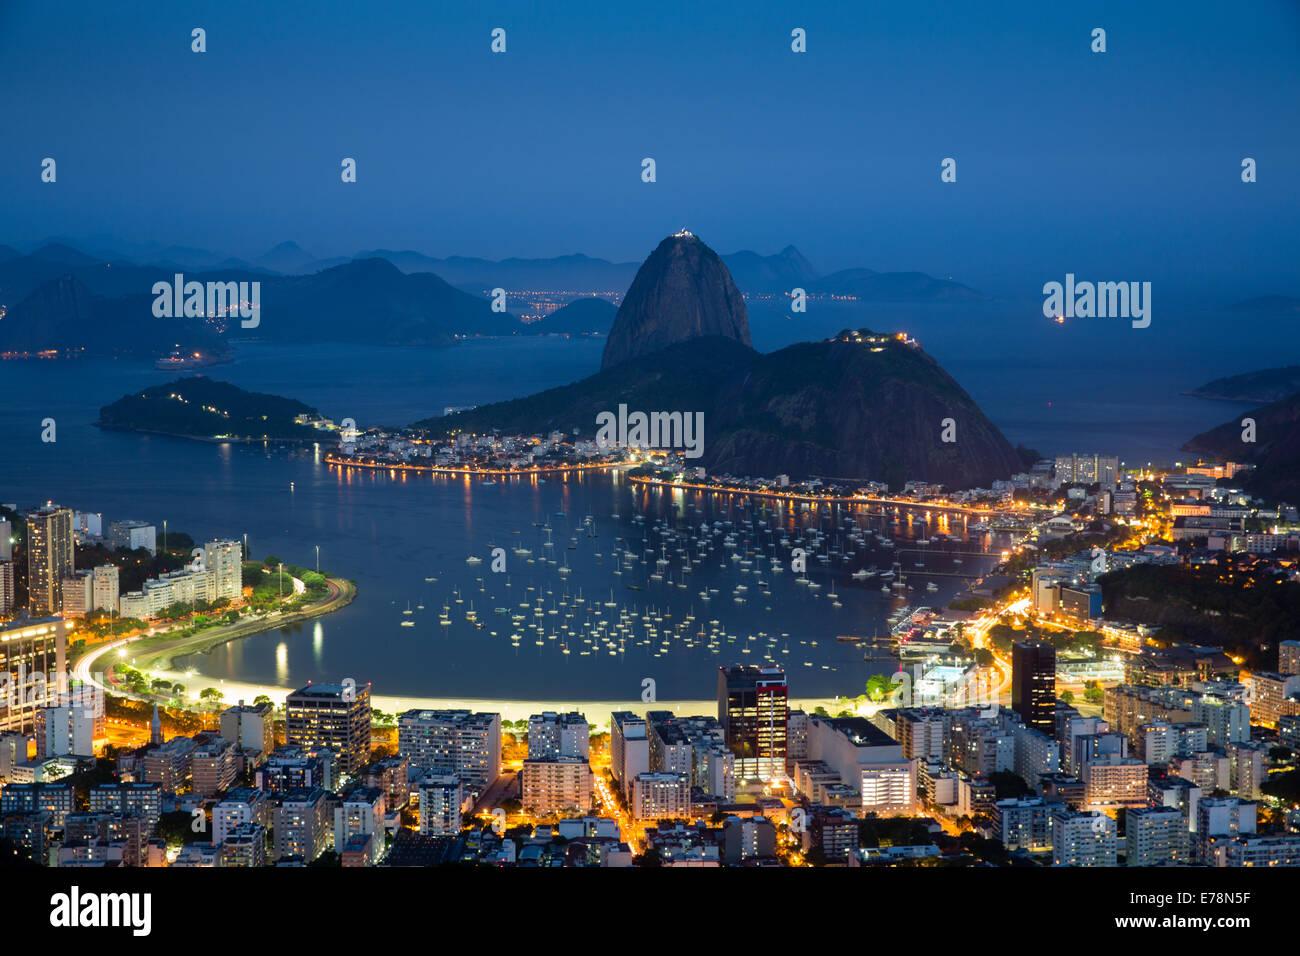 La baia e la città, e la Montagna Sugar Loaf al crepuscolo, Rio de Janeiro, Brasile Immagini Stock